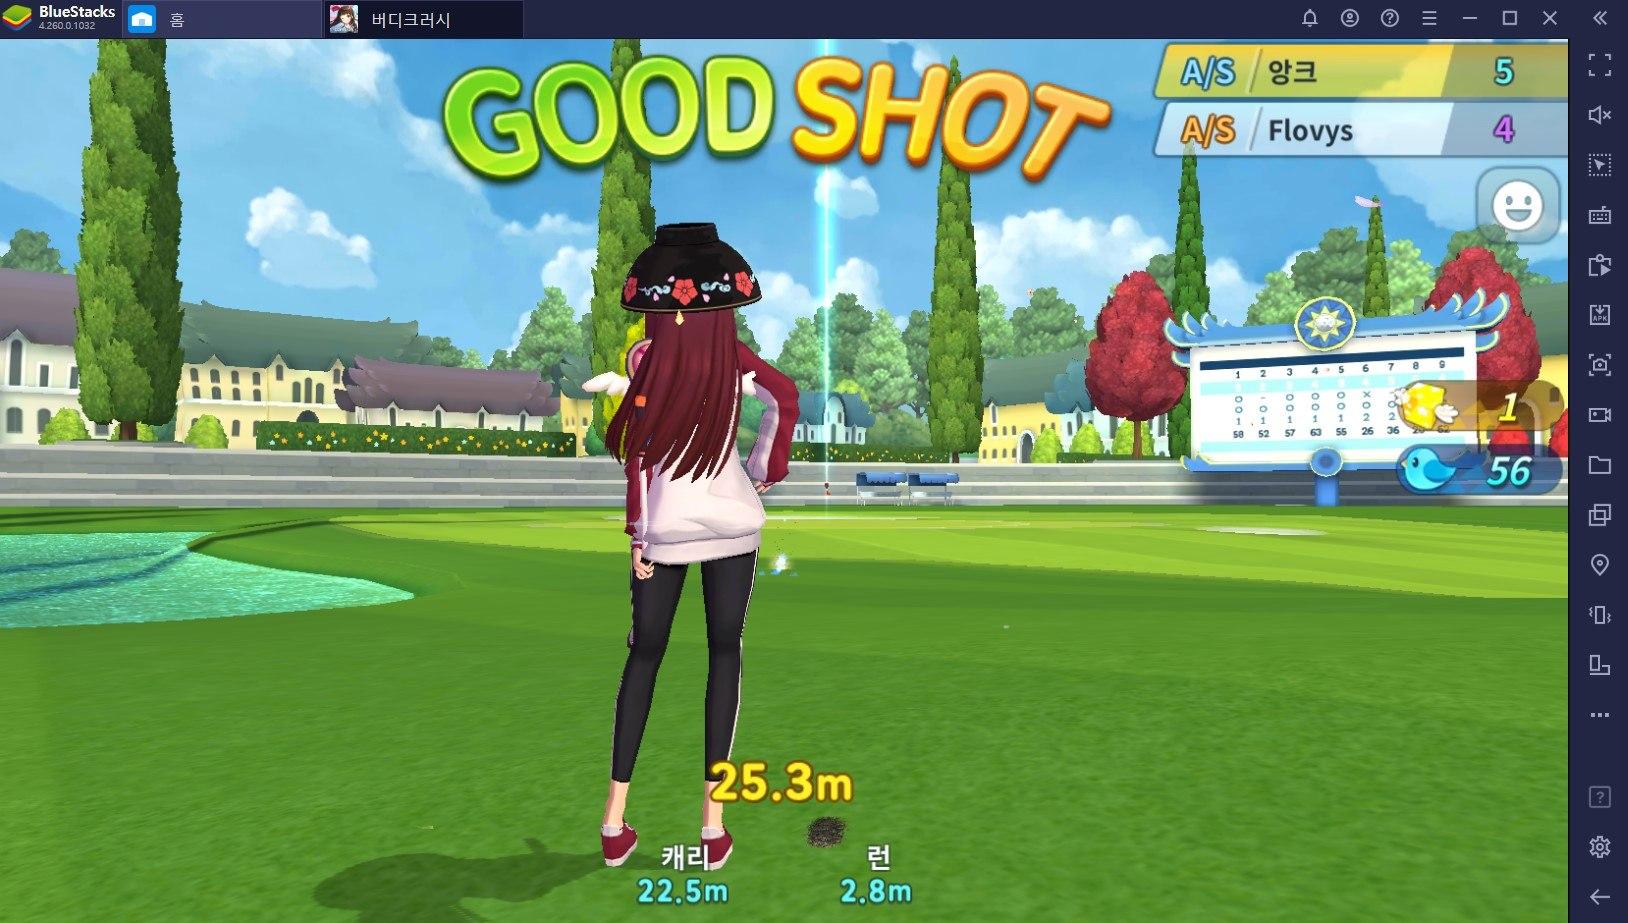 PC로 즐기는 골프의 재미, 버디크러시의 승률을 높이는 방법을 알아봐요!